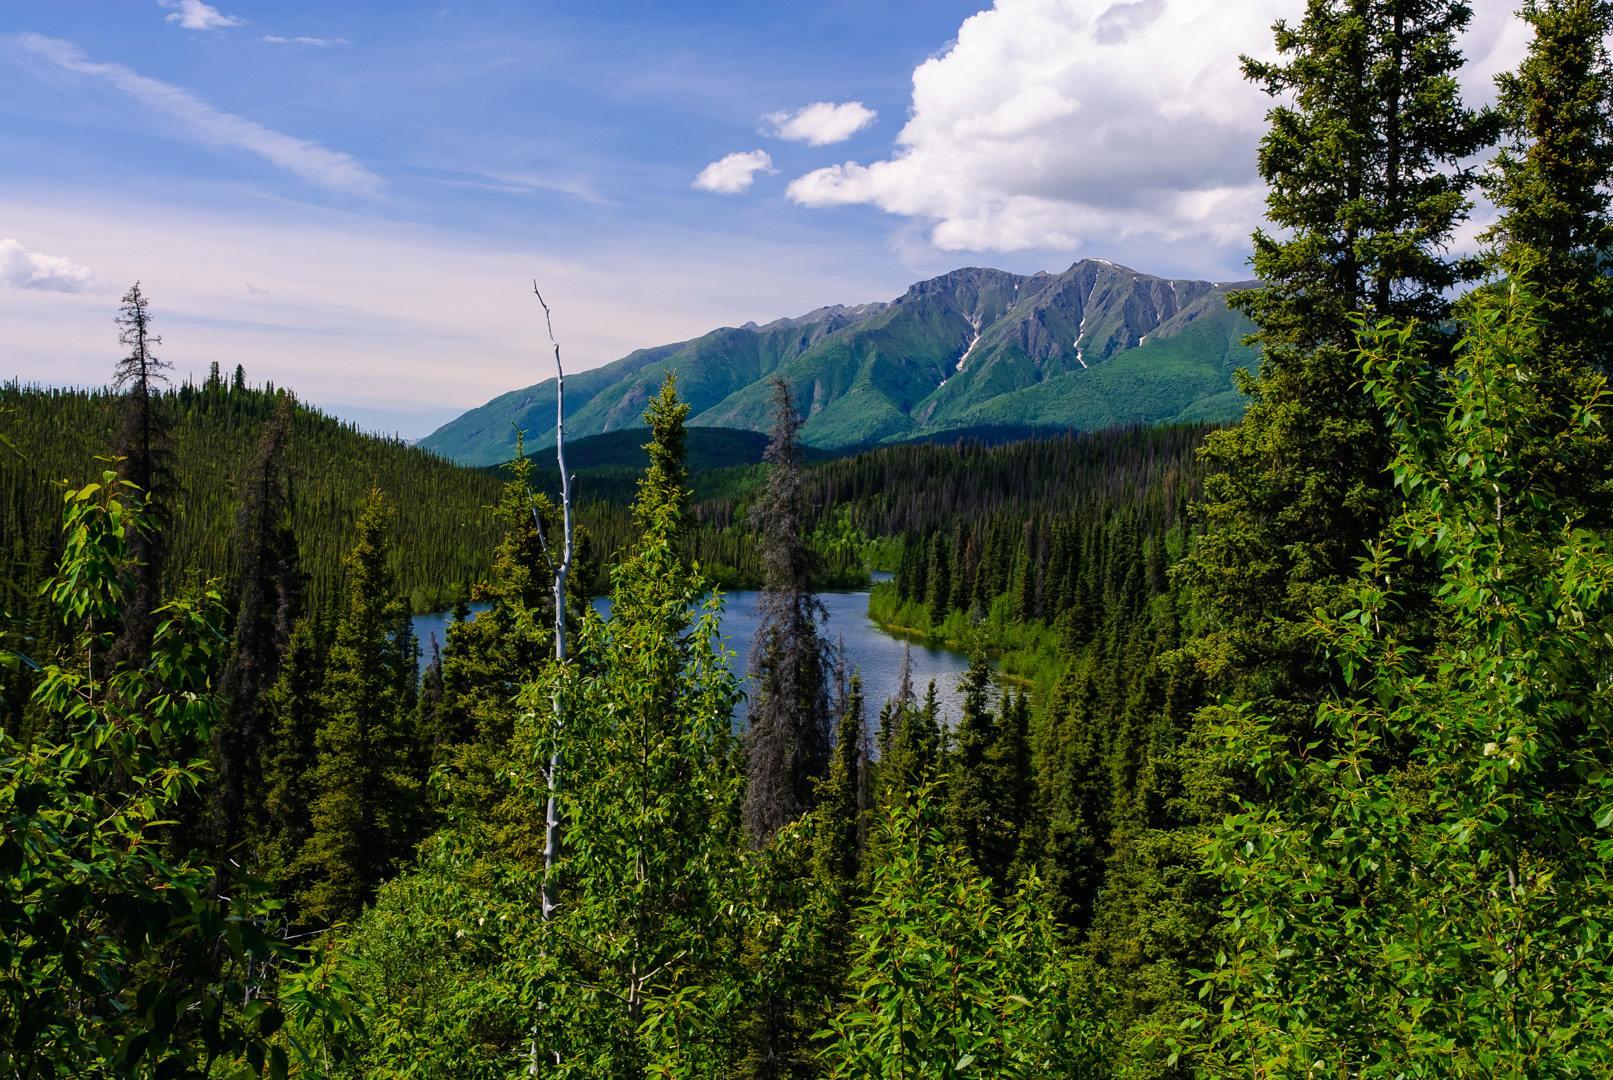 Willow Lake and Mount Wrangell, Wrangell Saint Elias National Park, Alaska без смс